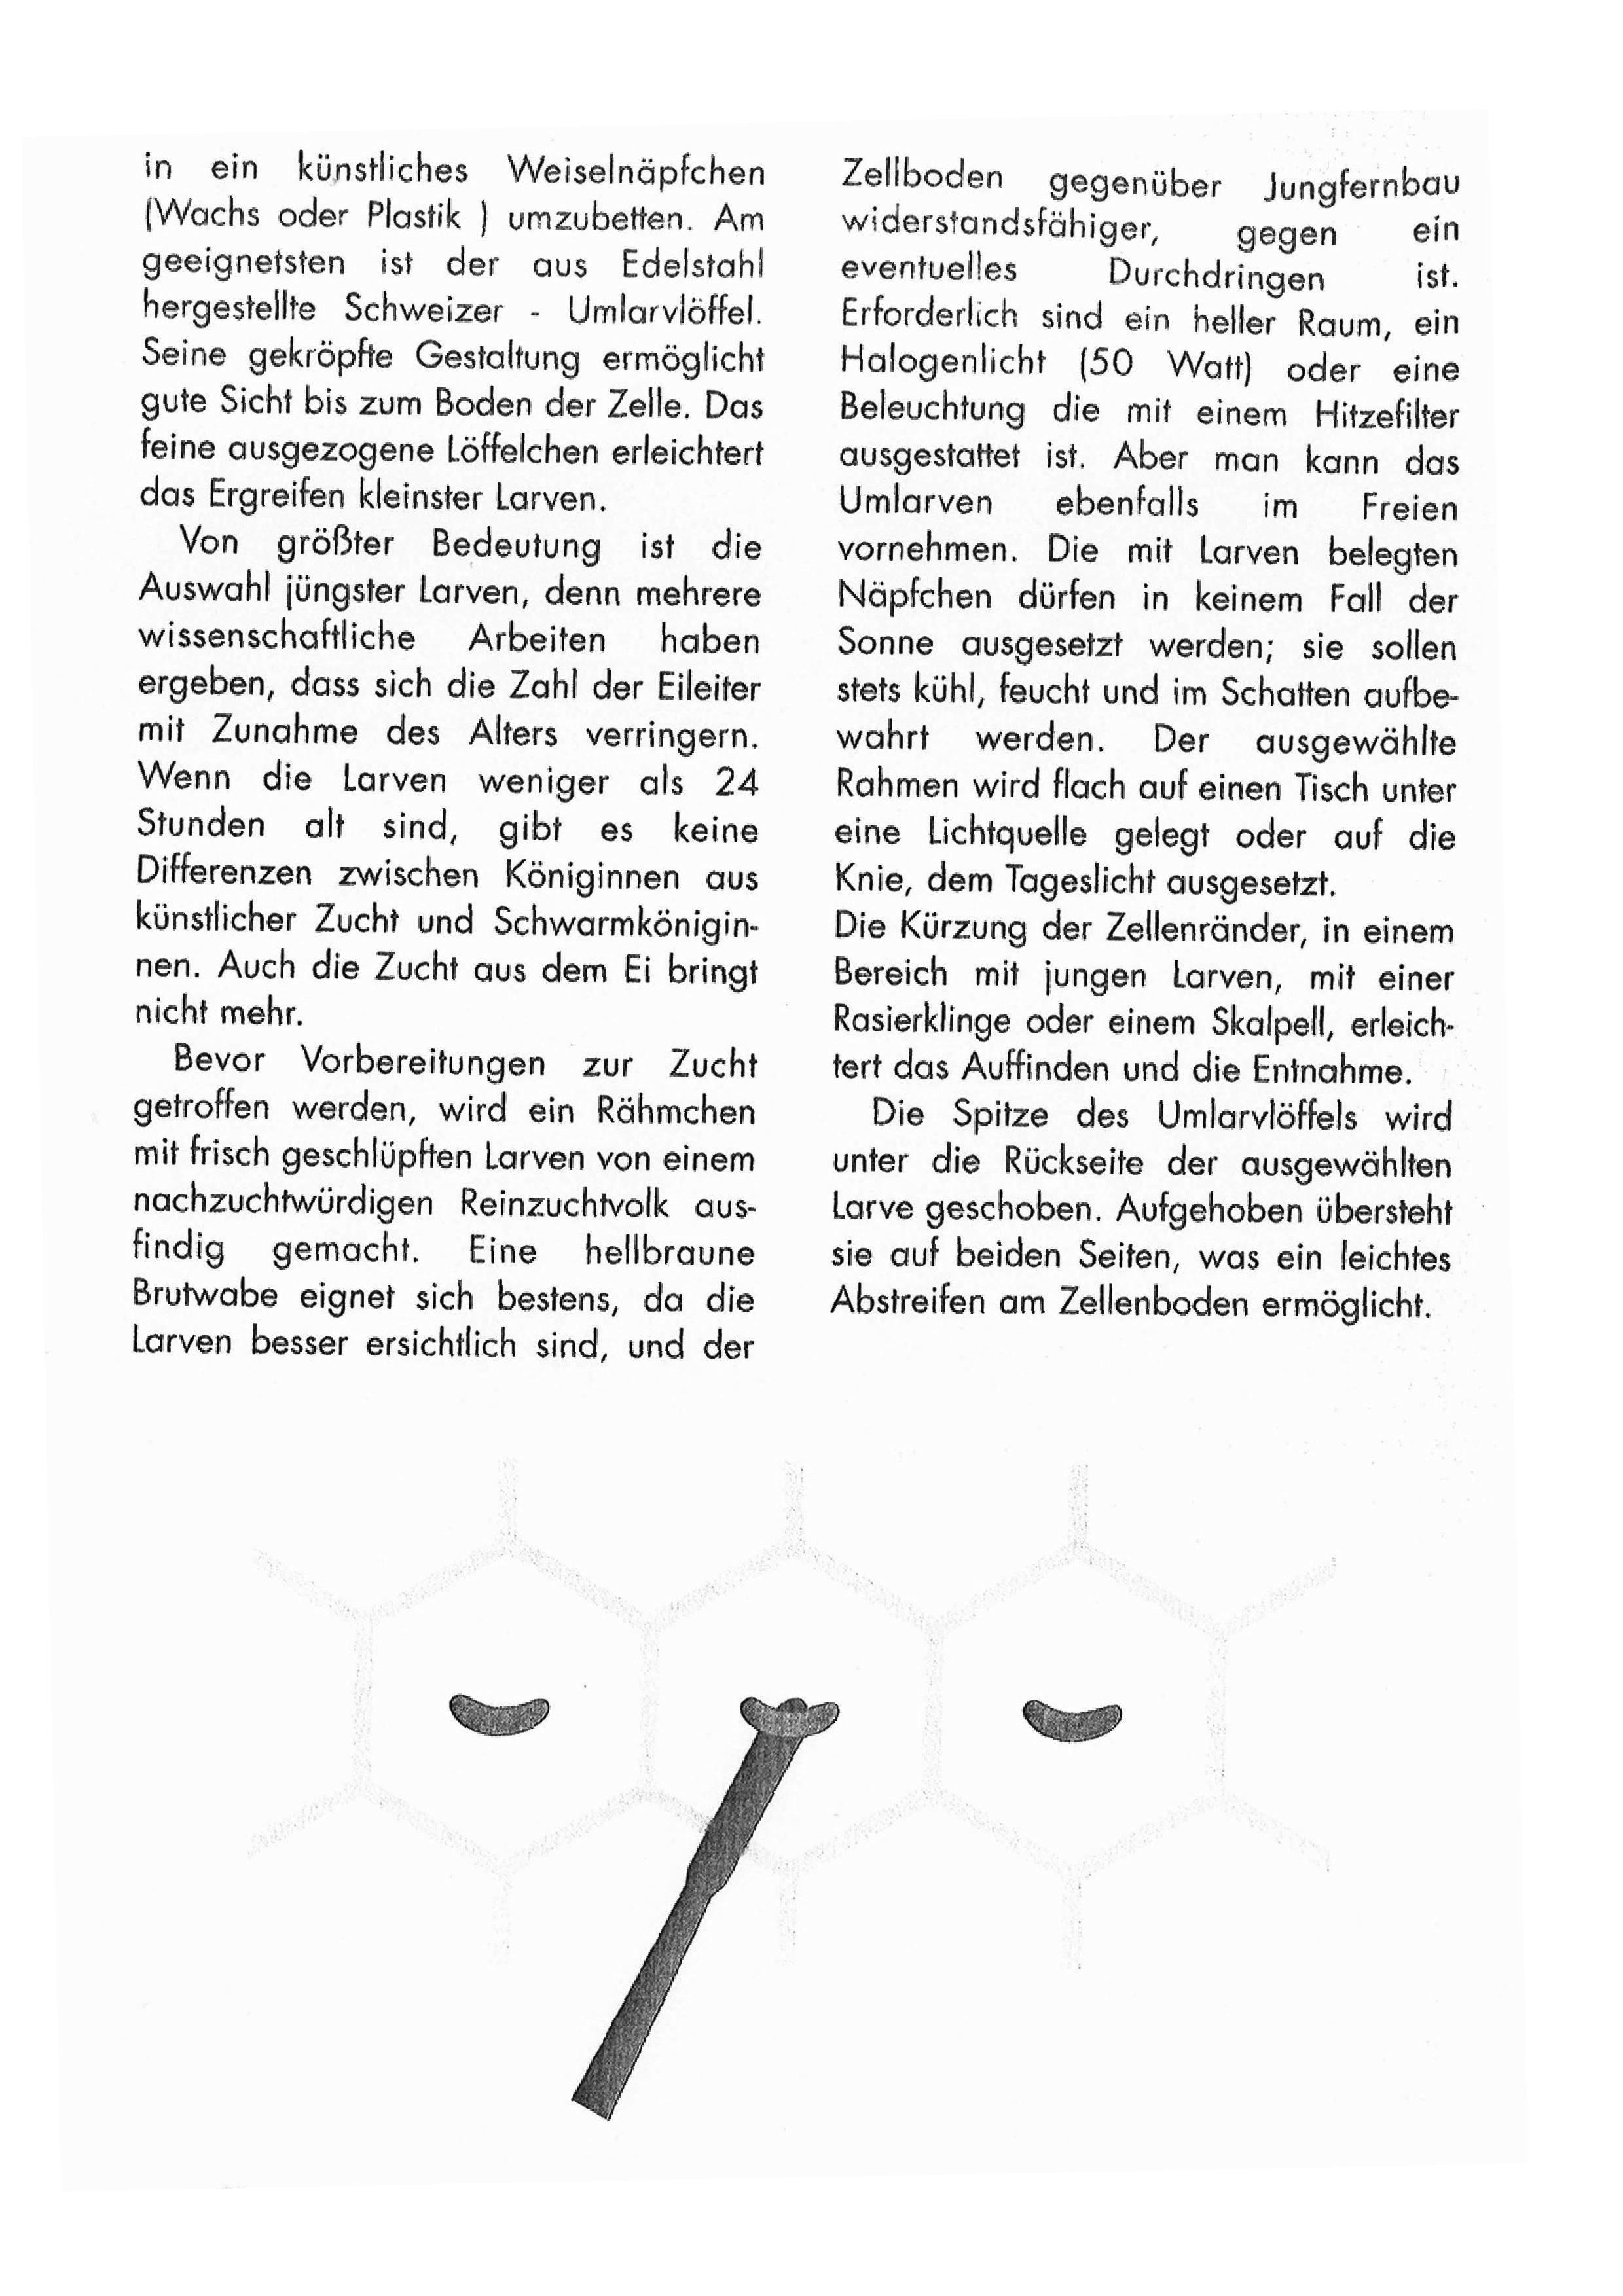 Lb_Beien-Zeitung_M_00003